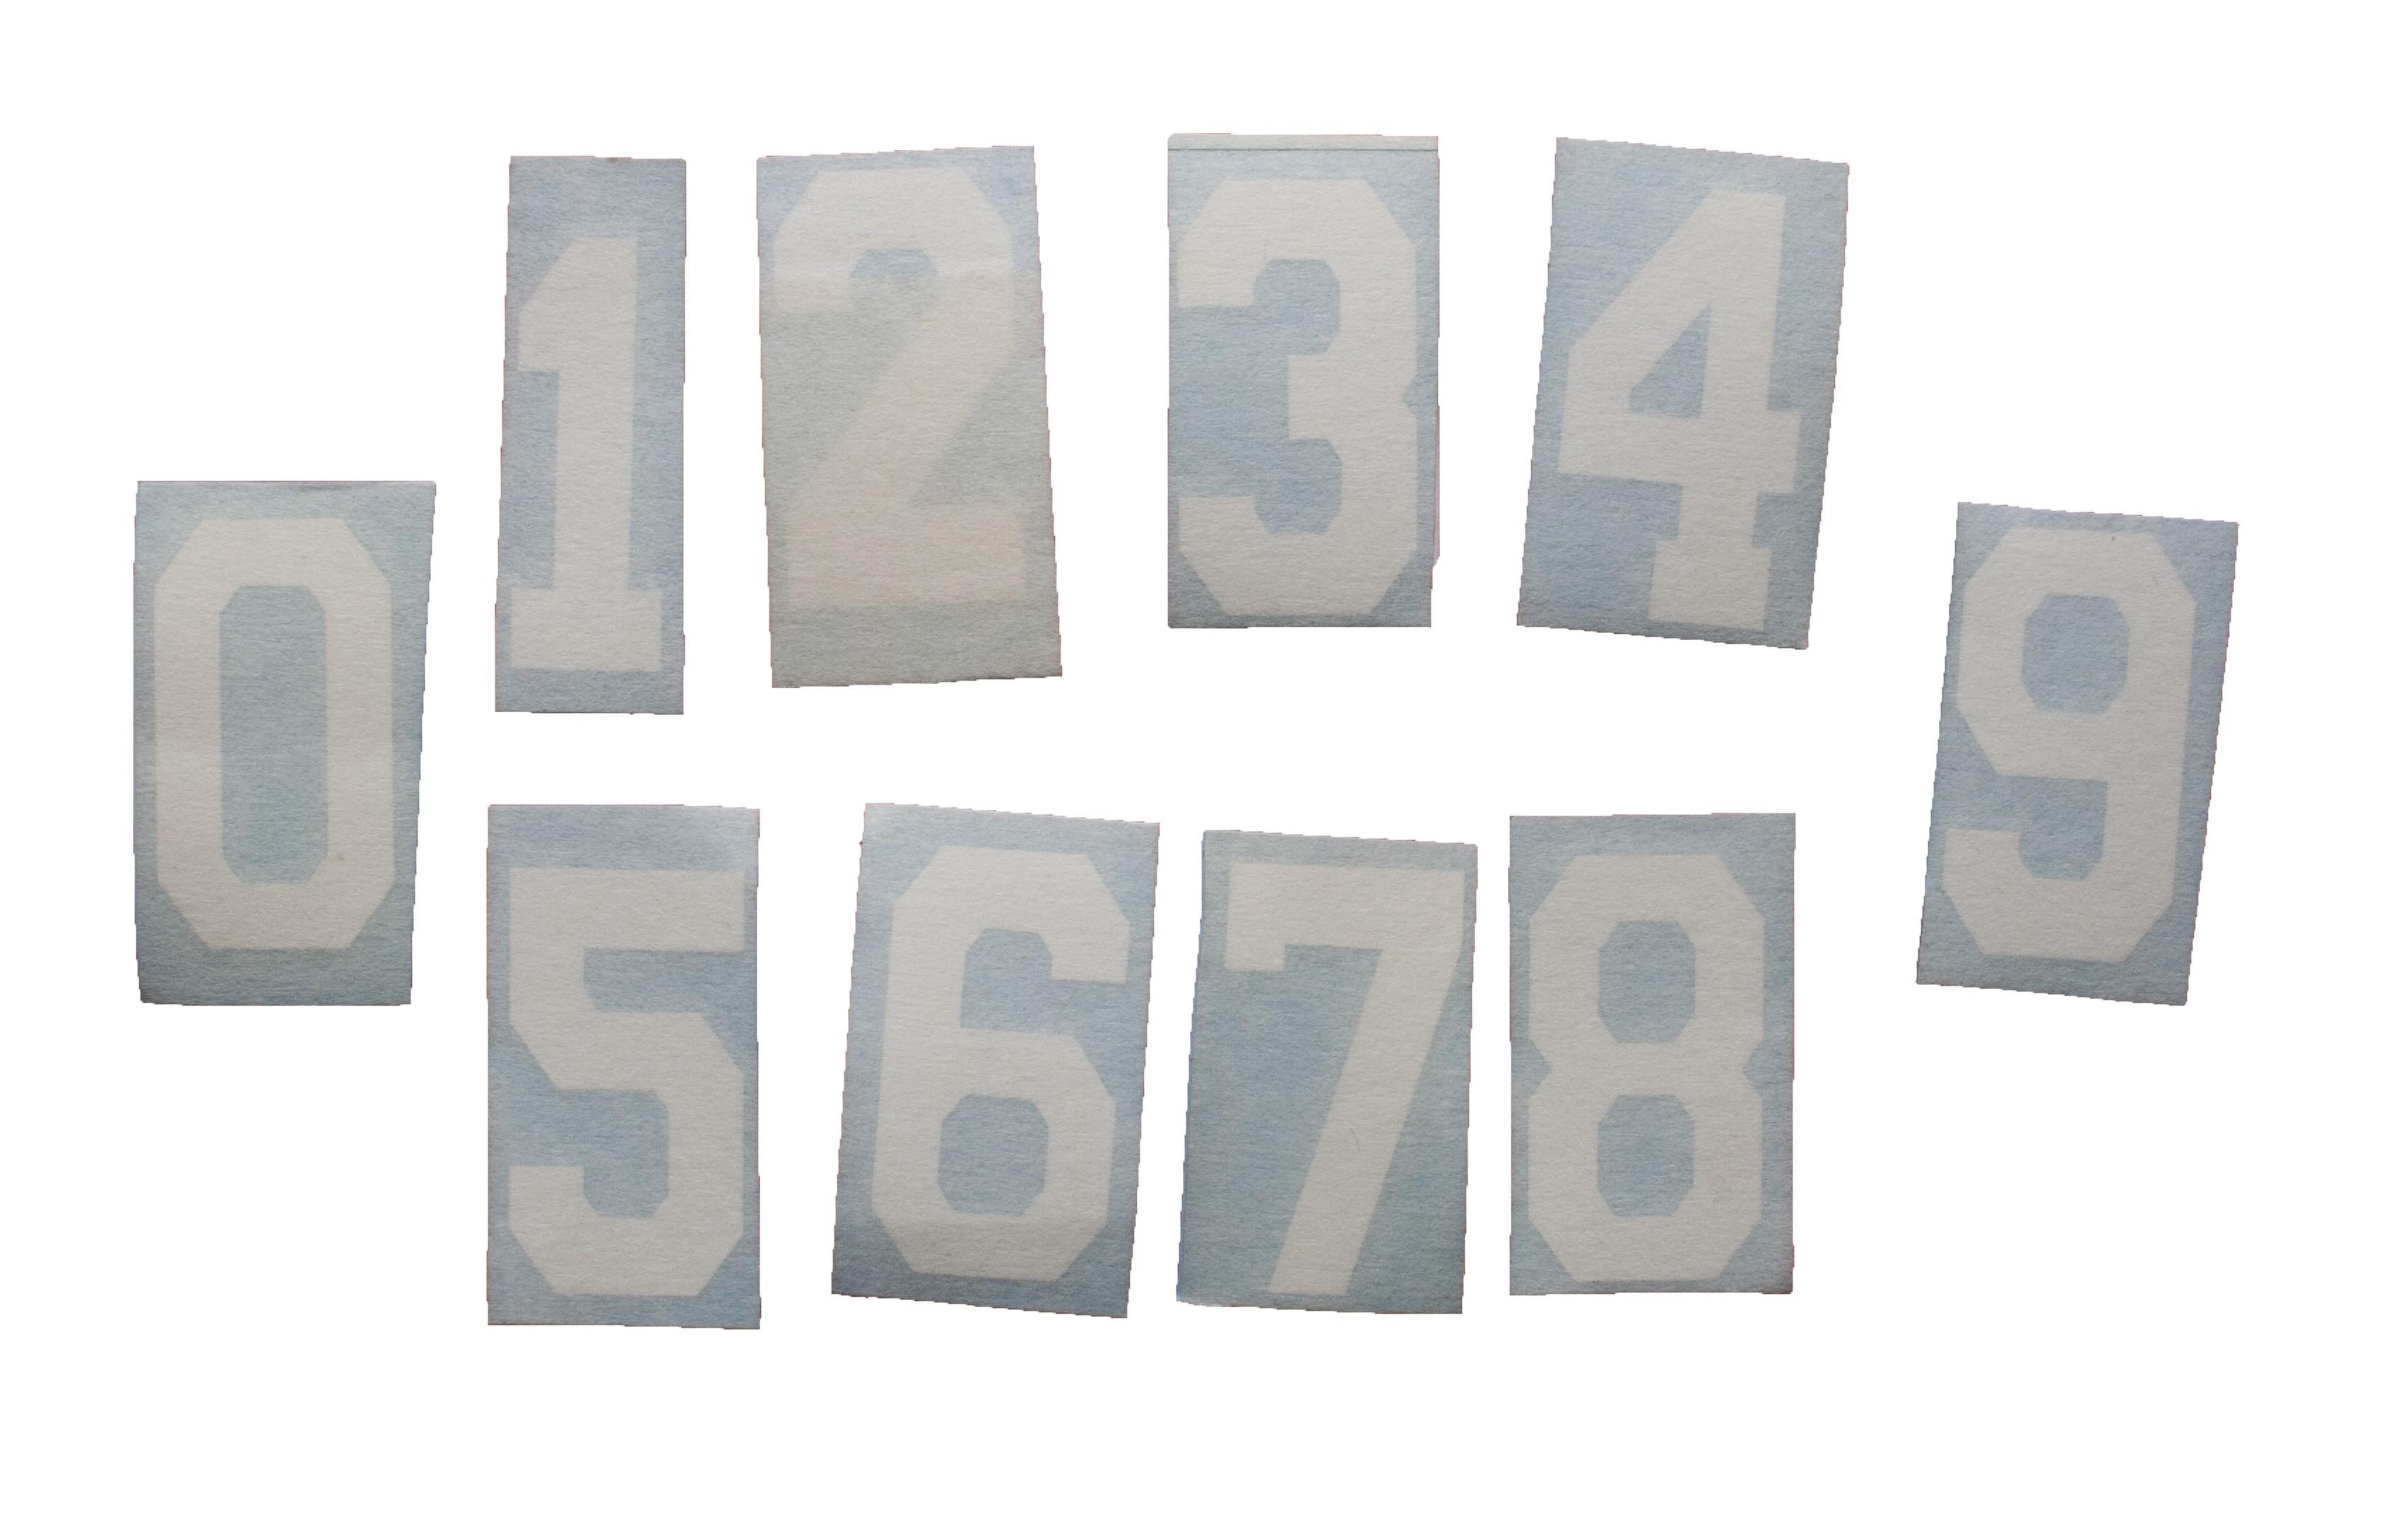 HOKEJAM.LV Helmet Number Sticker White